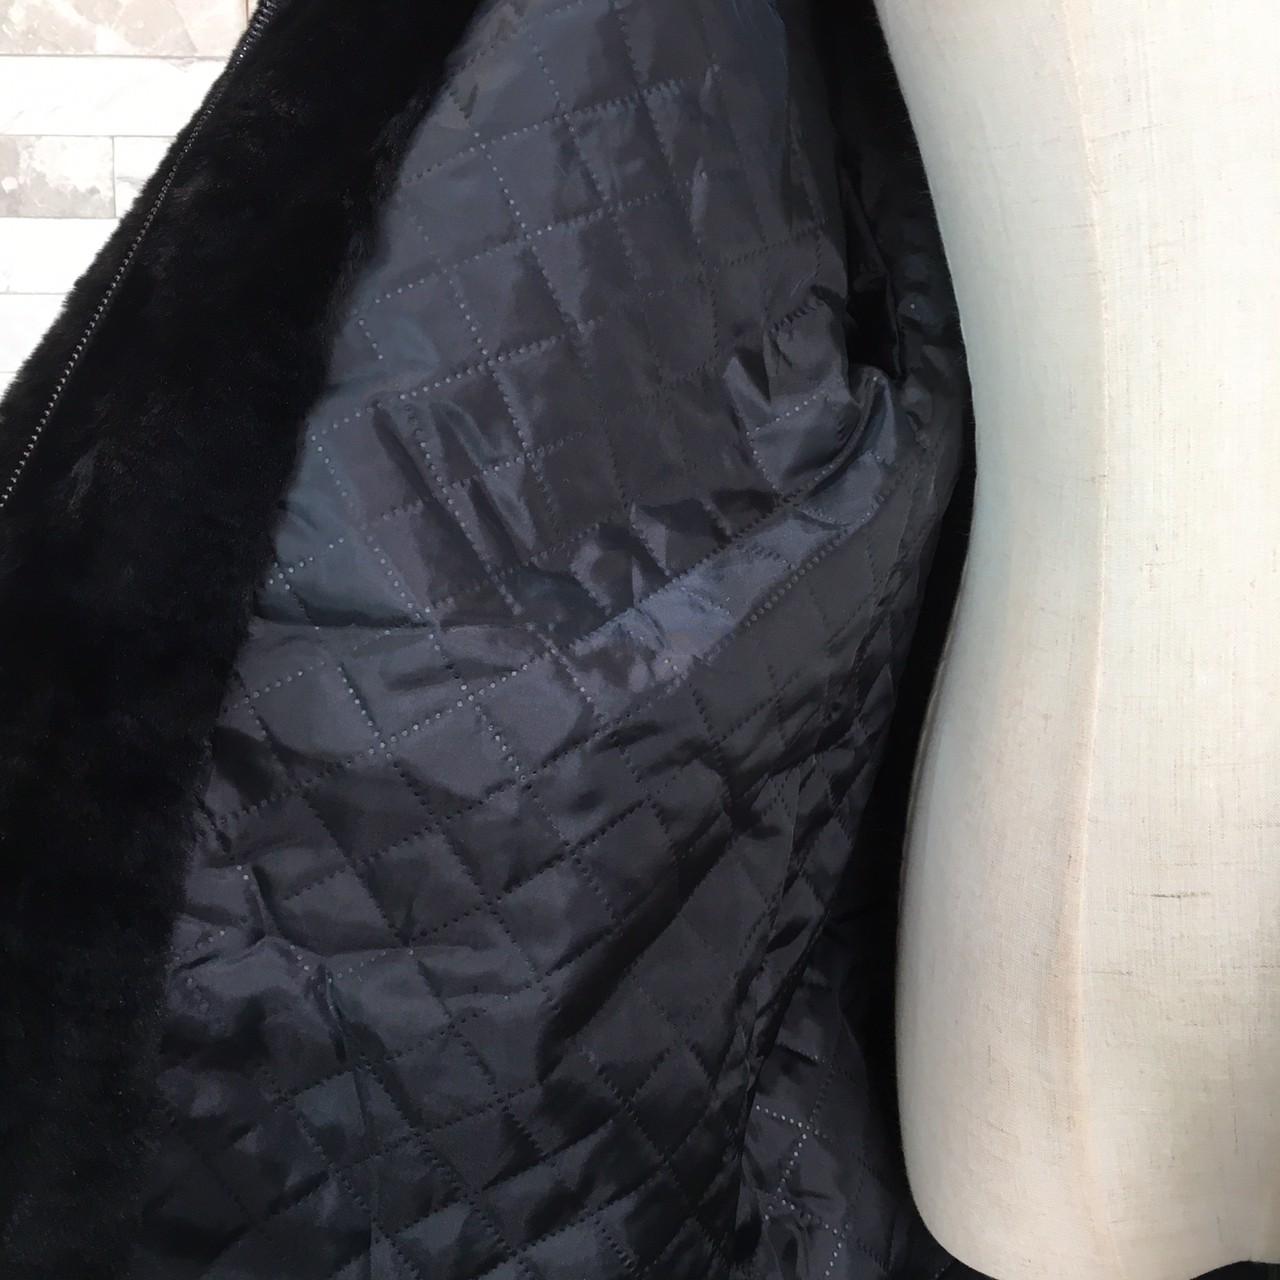 【即納】韓国 ファッション アウター ムートン ファーコート 秋 冬 カジュアル SPTXC599  もこもこ ふわふわ エコファー パーカー オーバーサイズ フ オルチャン シンプル 定番 セレカジの写真16枚目